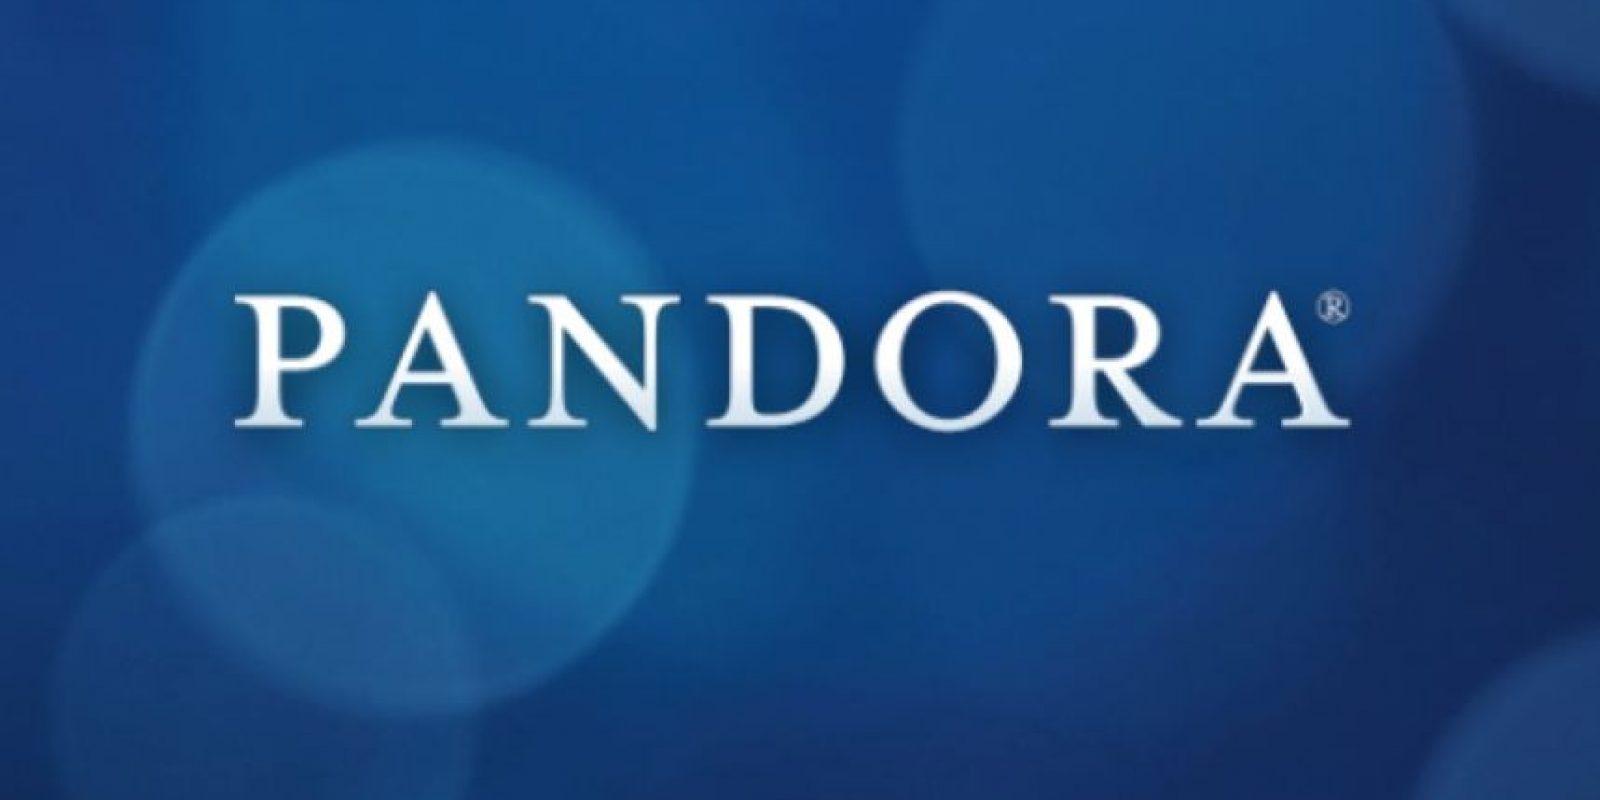 Pandora solamente está disponible en tres países. Foto:Pandora